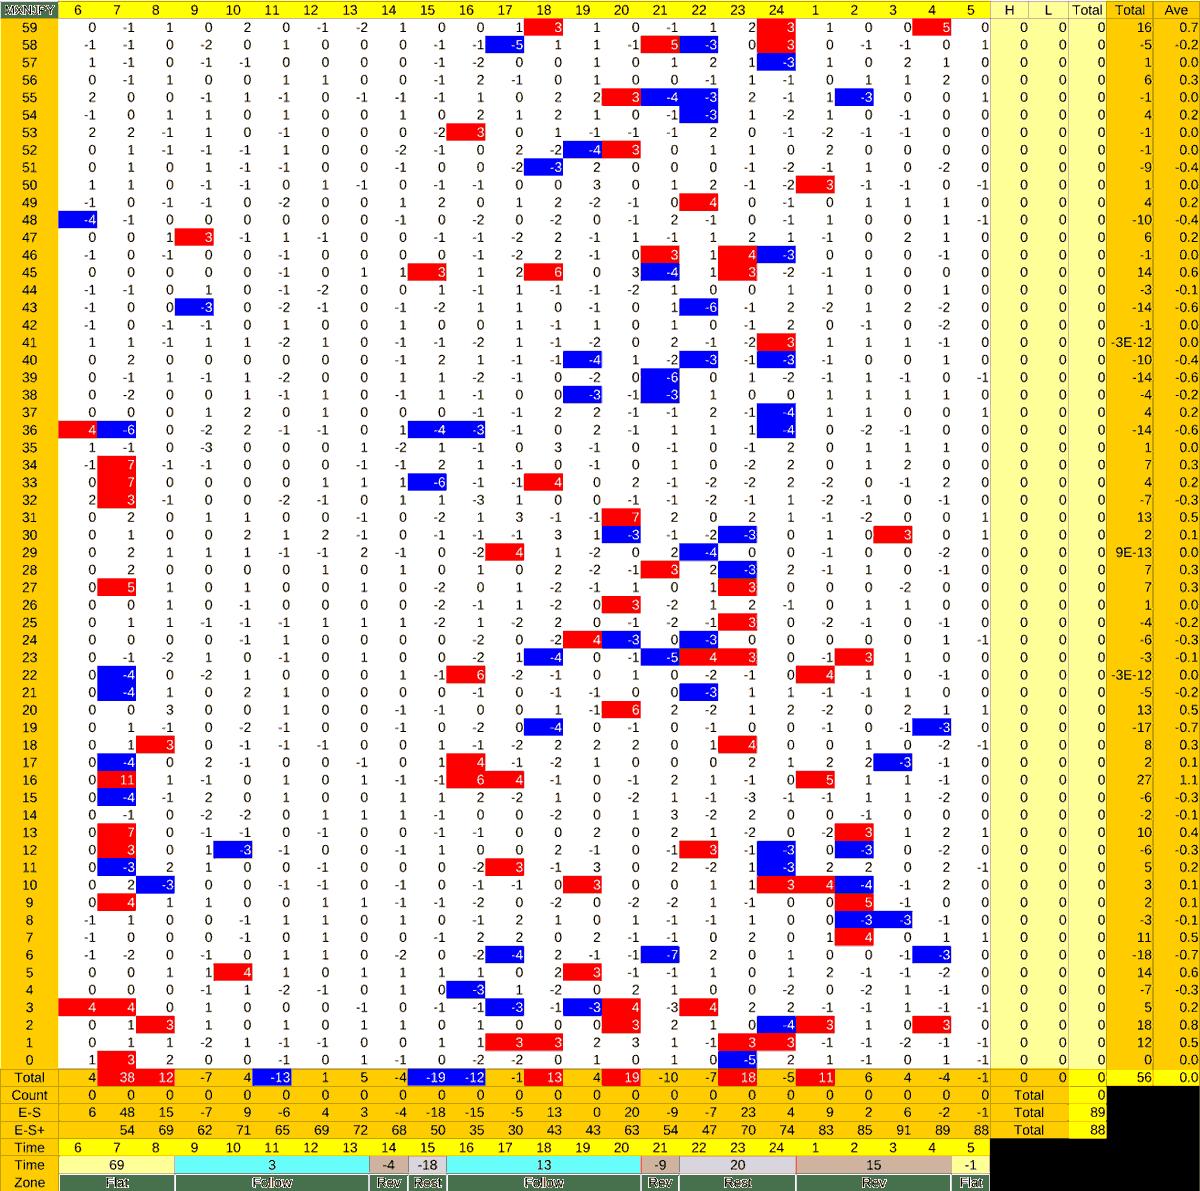 20210322_HS(3)MXNJPY-min